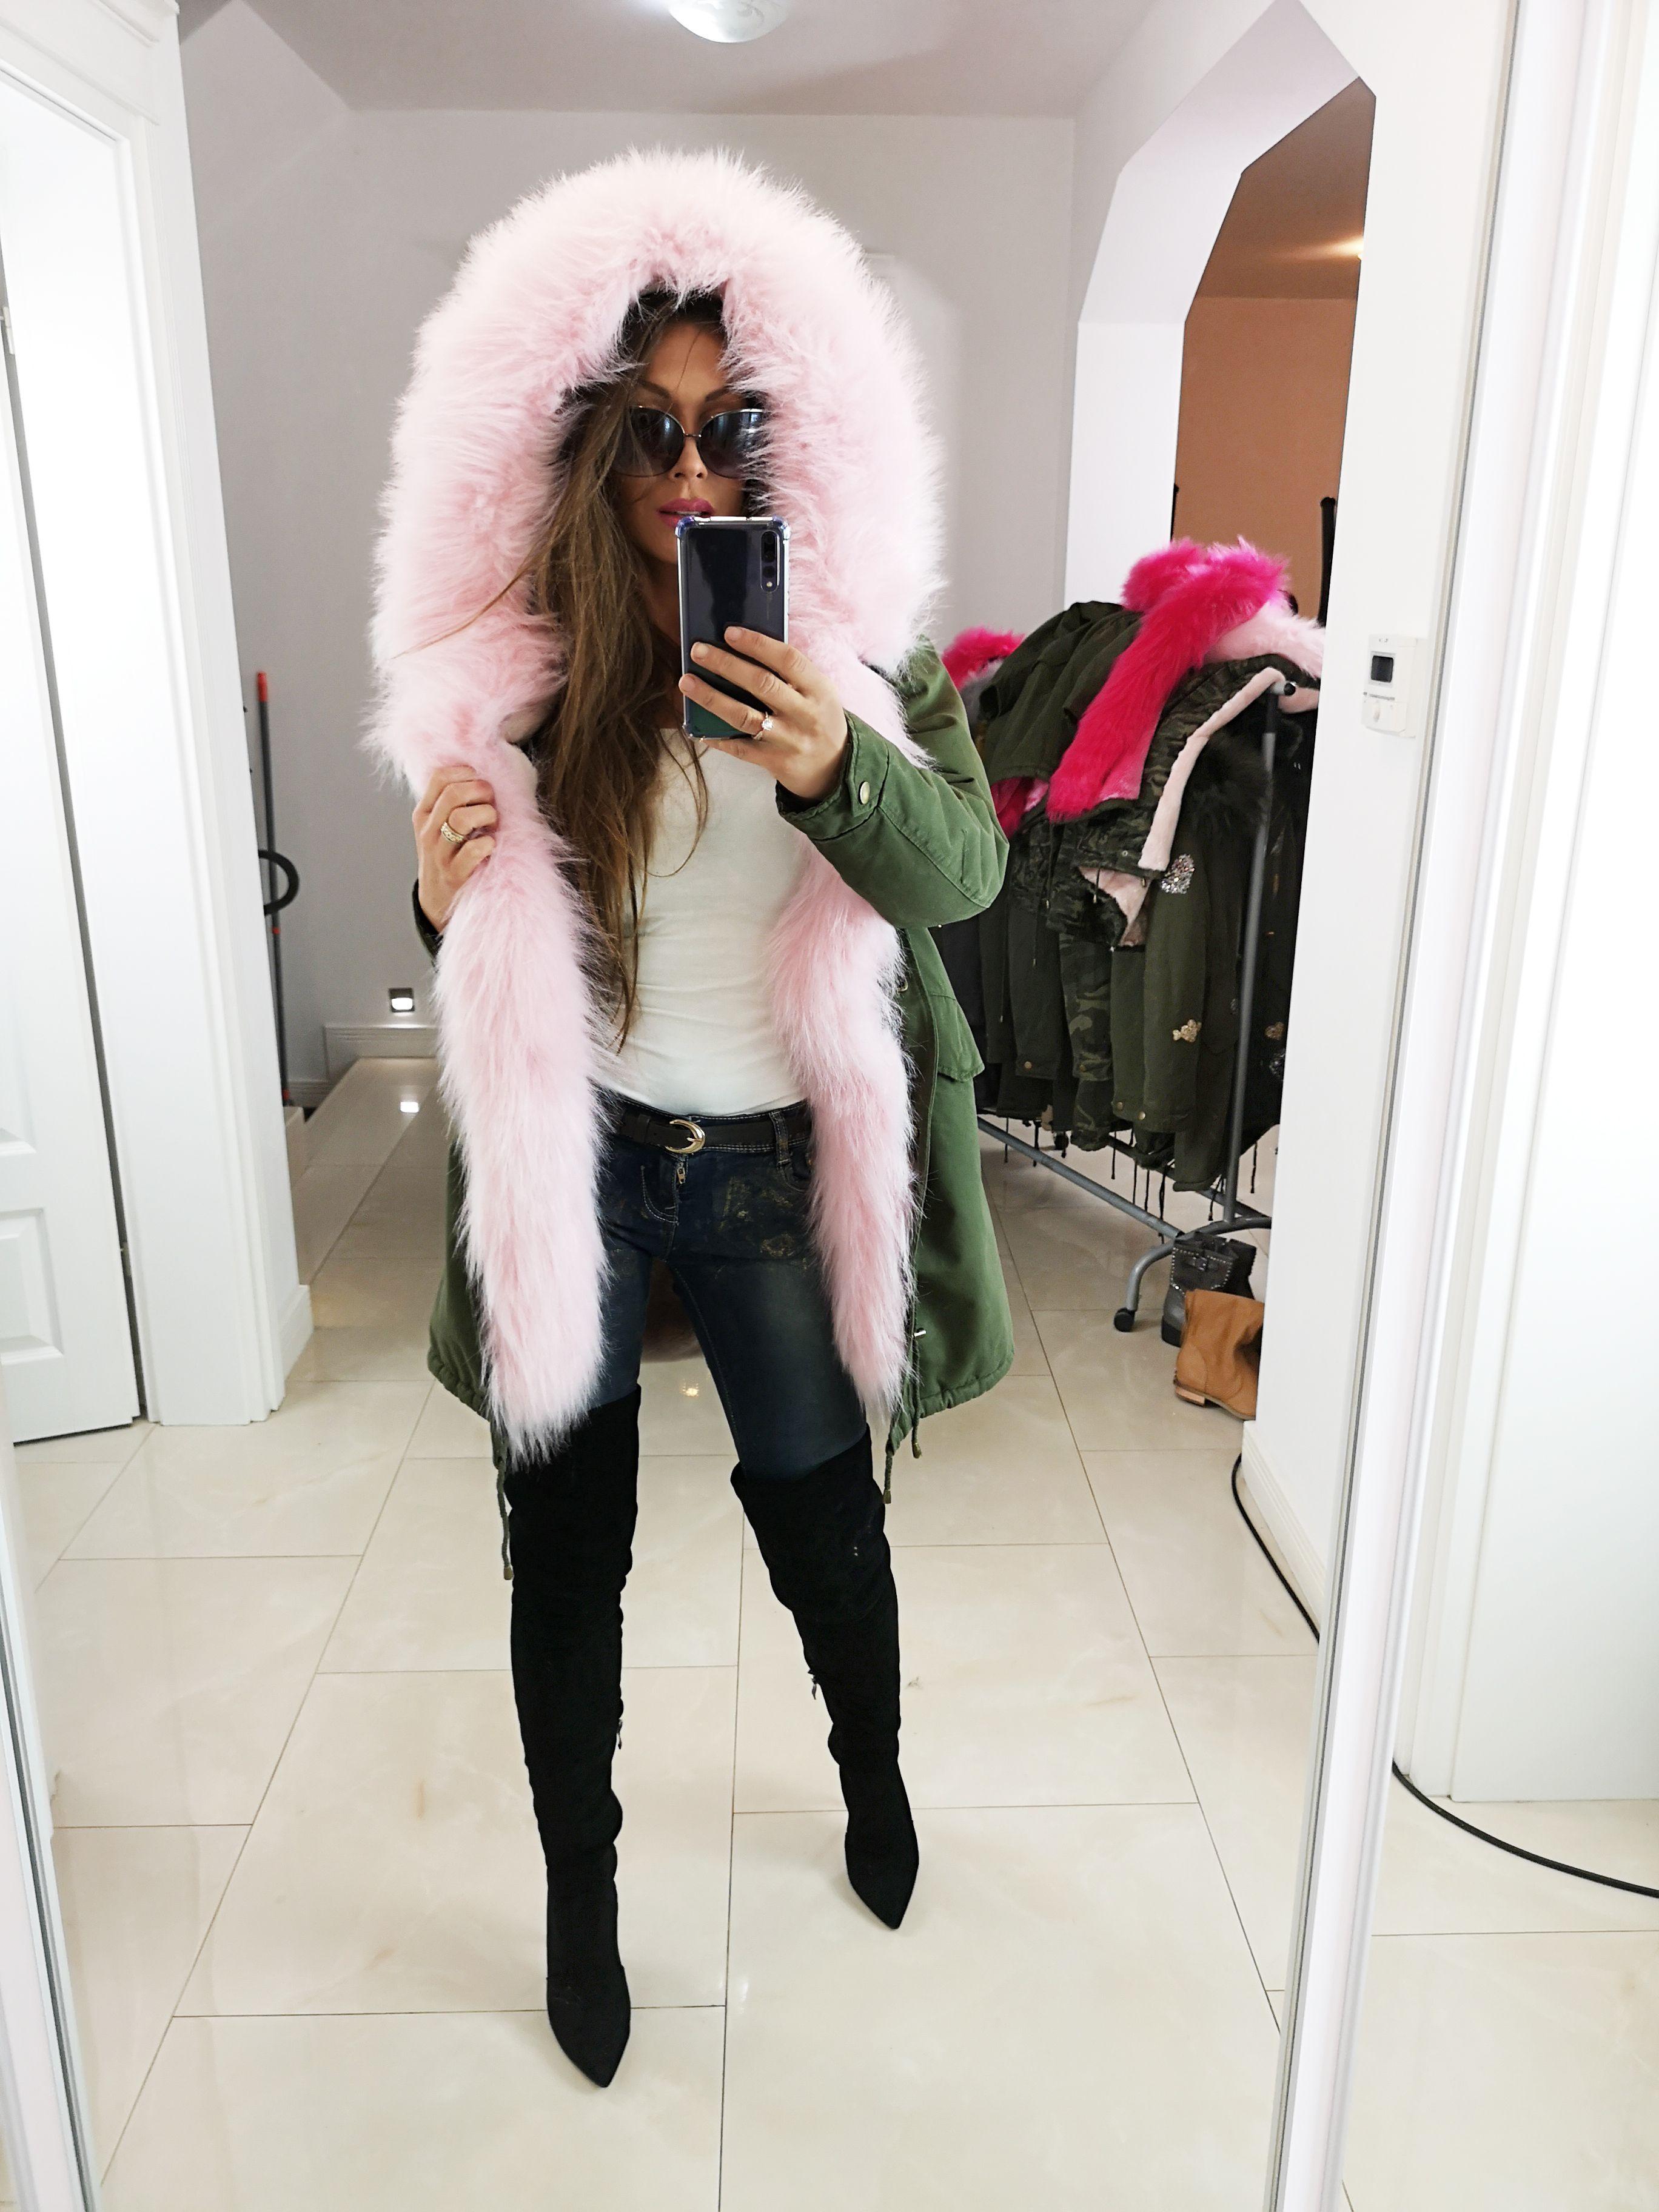 Kurtka Parka Khaki Zimowa Militarna Na Misiu 6205 1 Fashion Coat Fur Coat